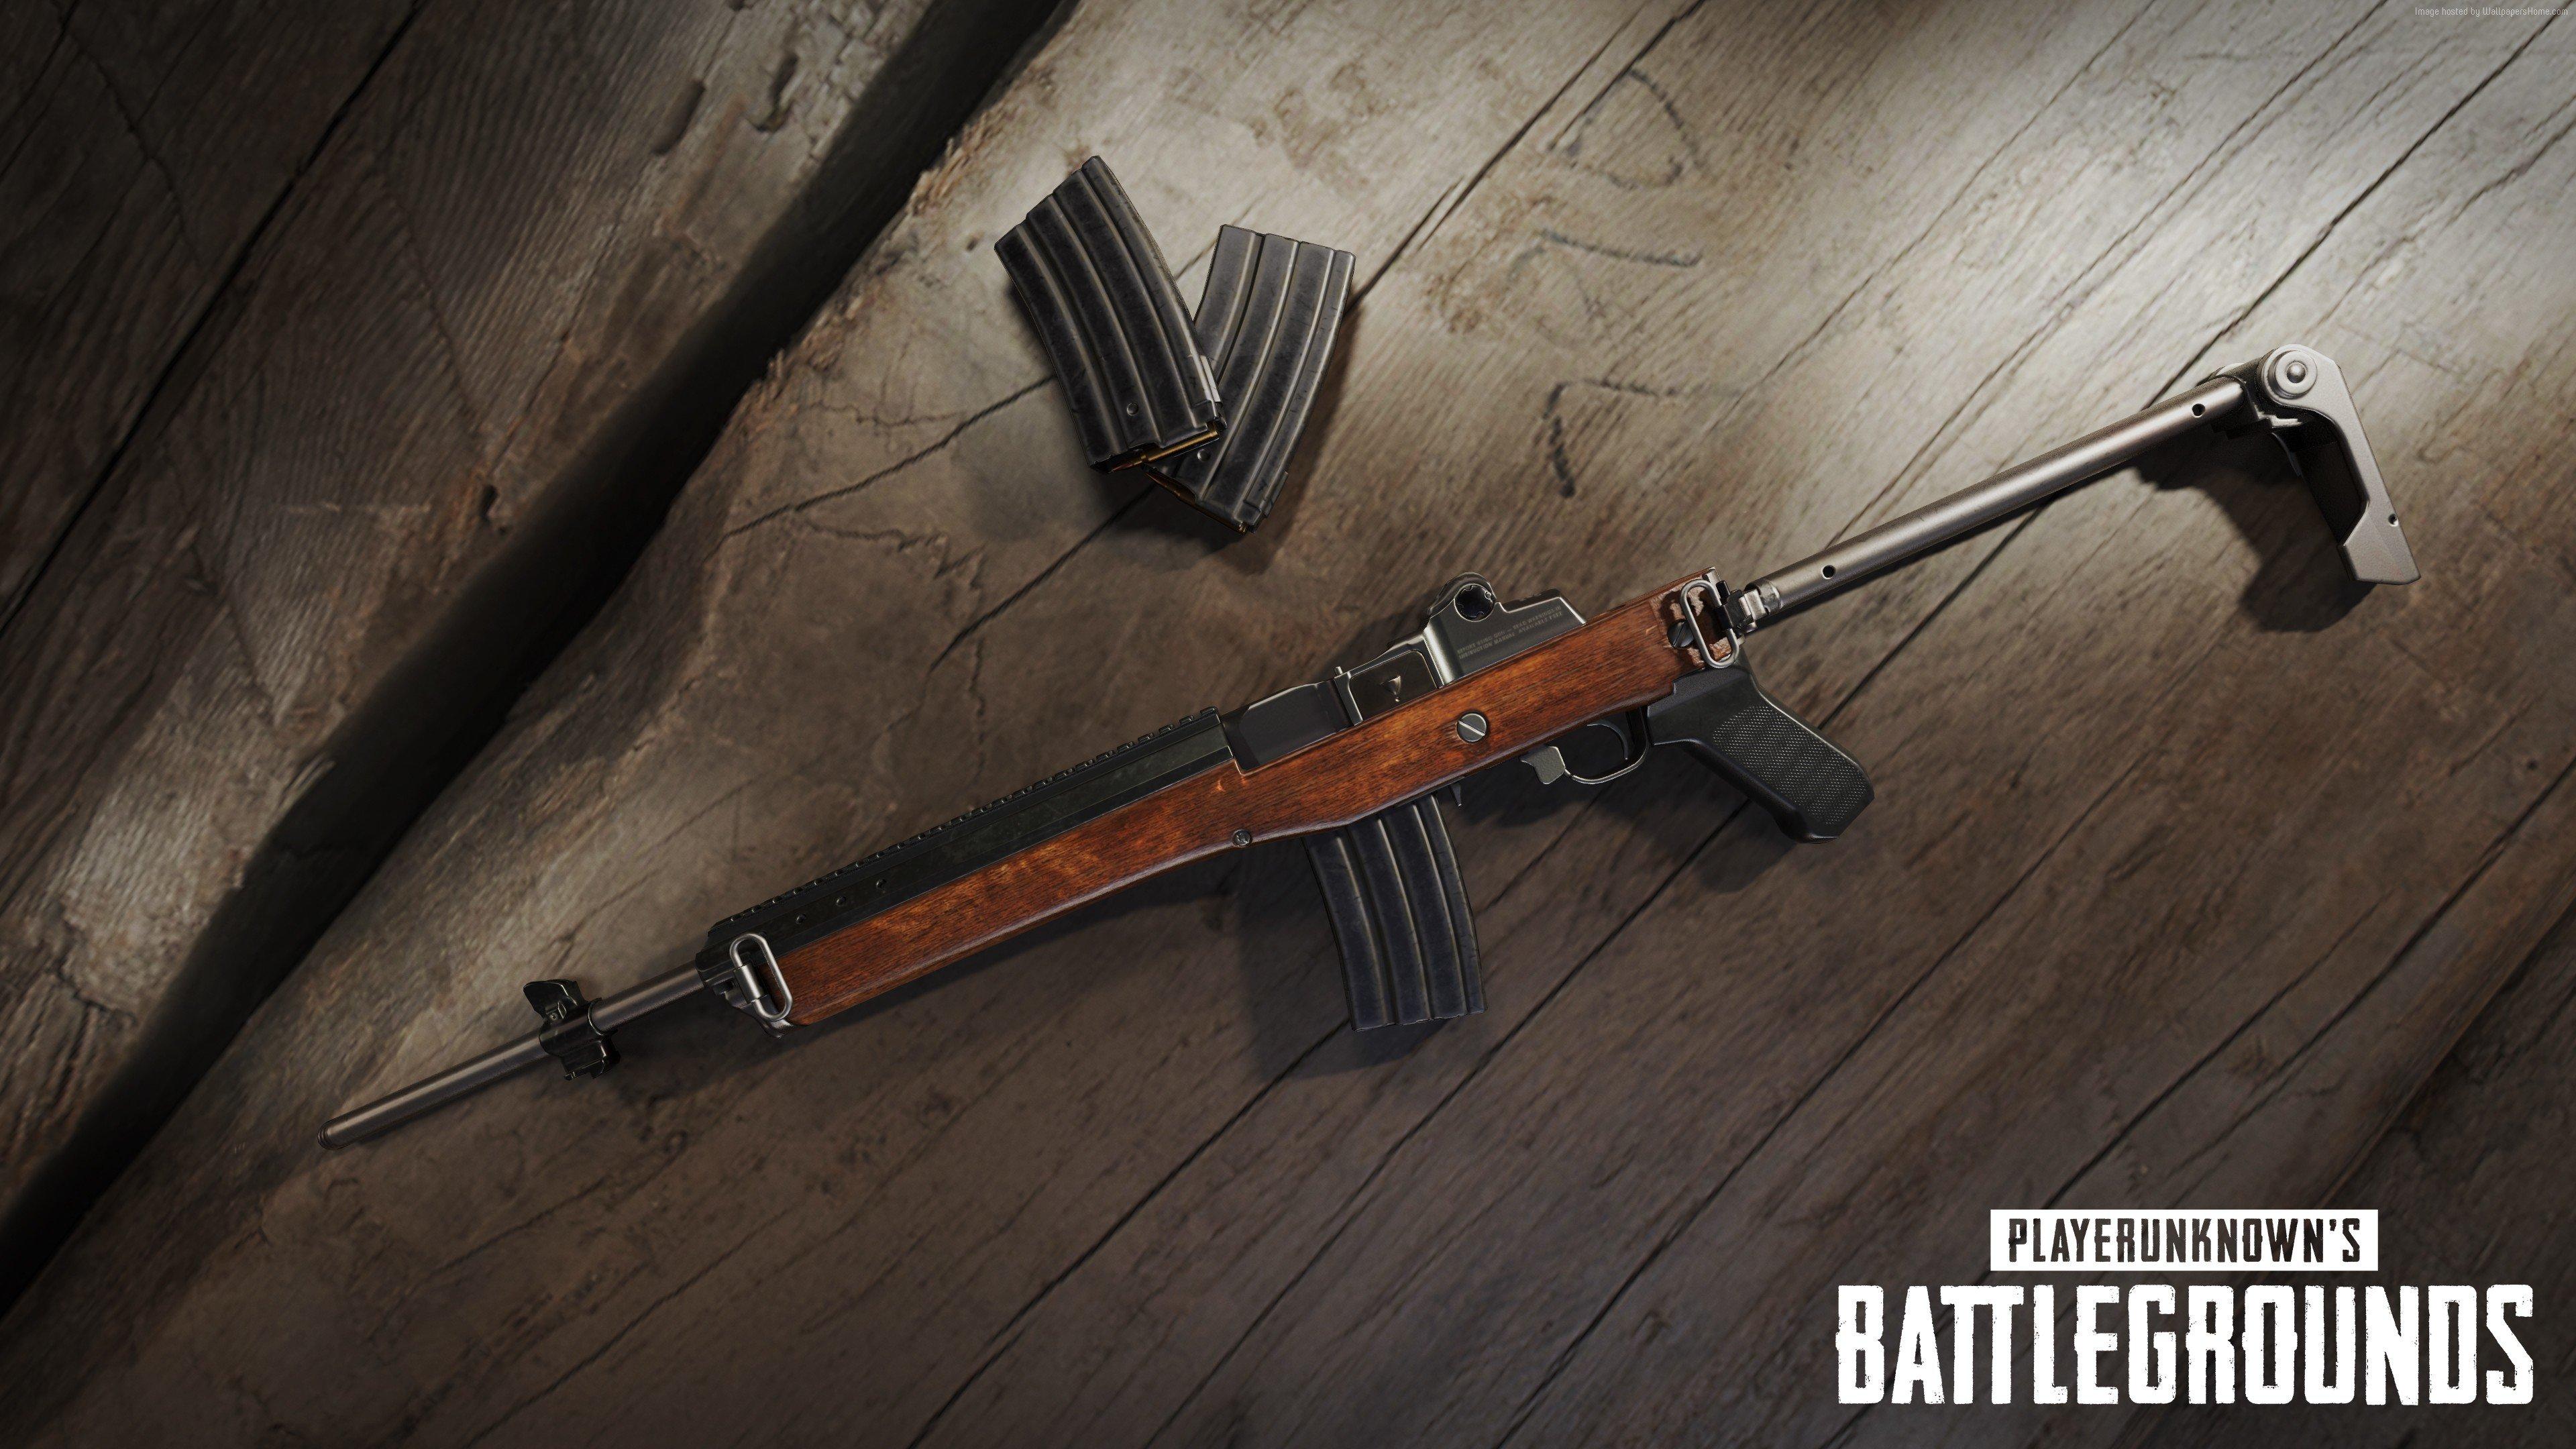 Fondos de pantalla Armas PlayerUnknown's Battlegrounds